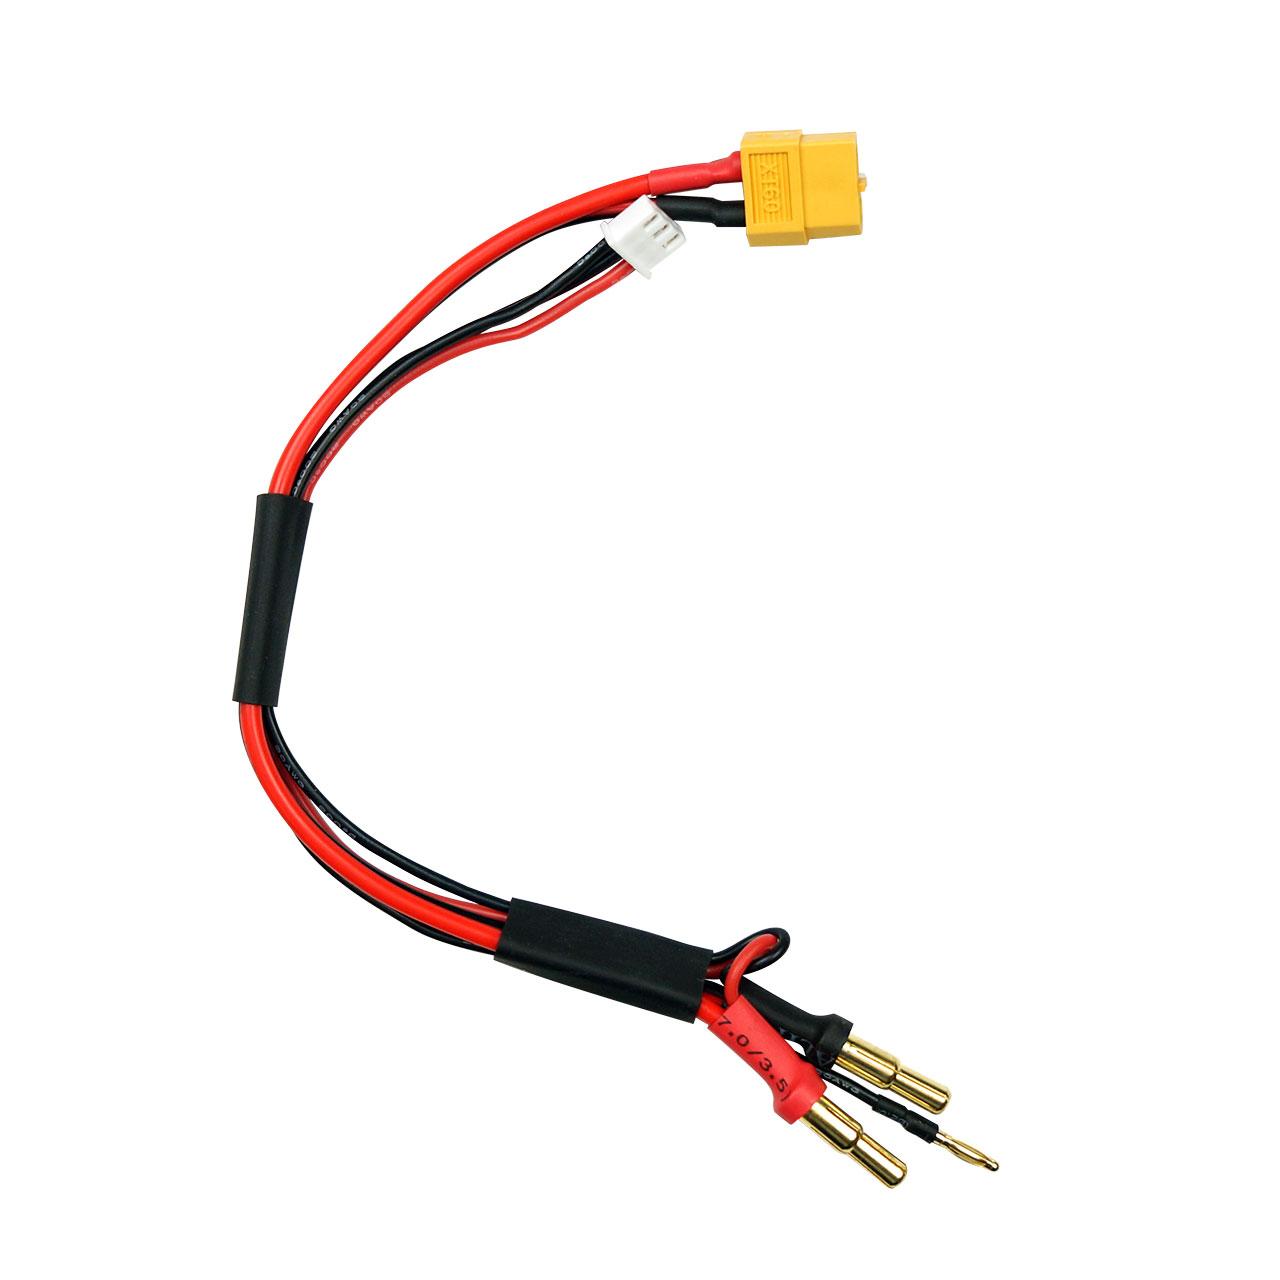 SKYRC Cable de charge XT60 pour batterie prise lipo 2s 4mm et 5mm SK600023-14